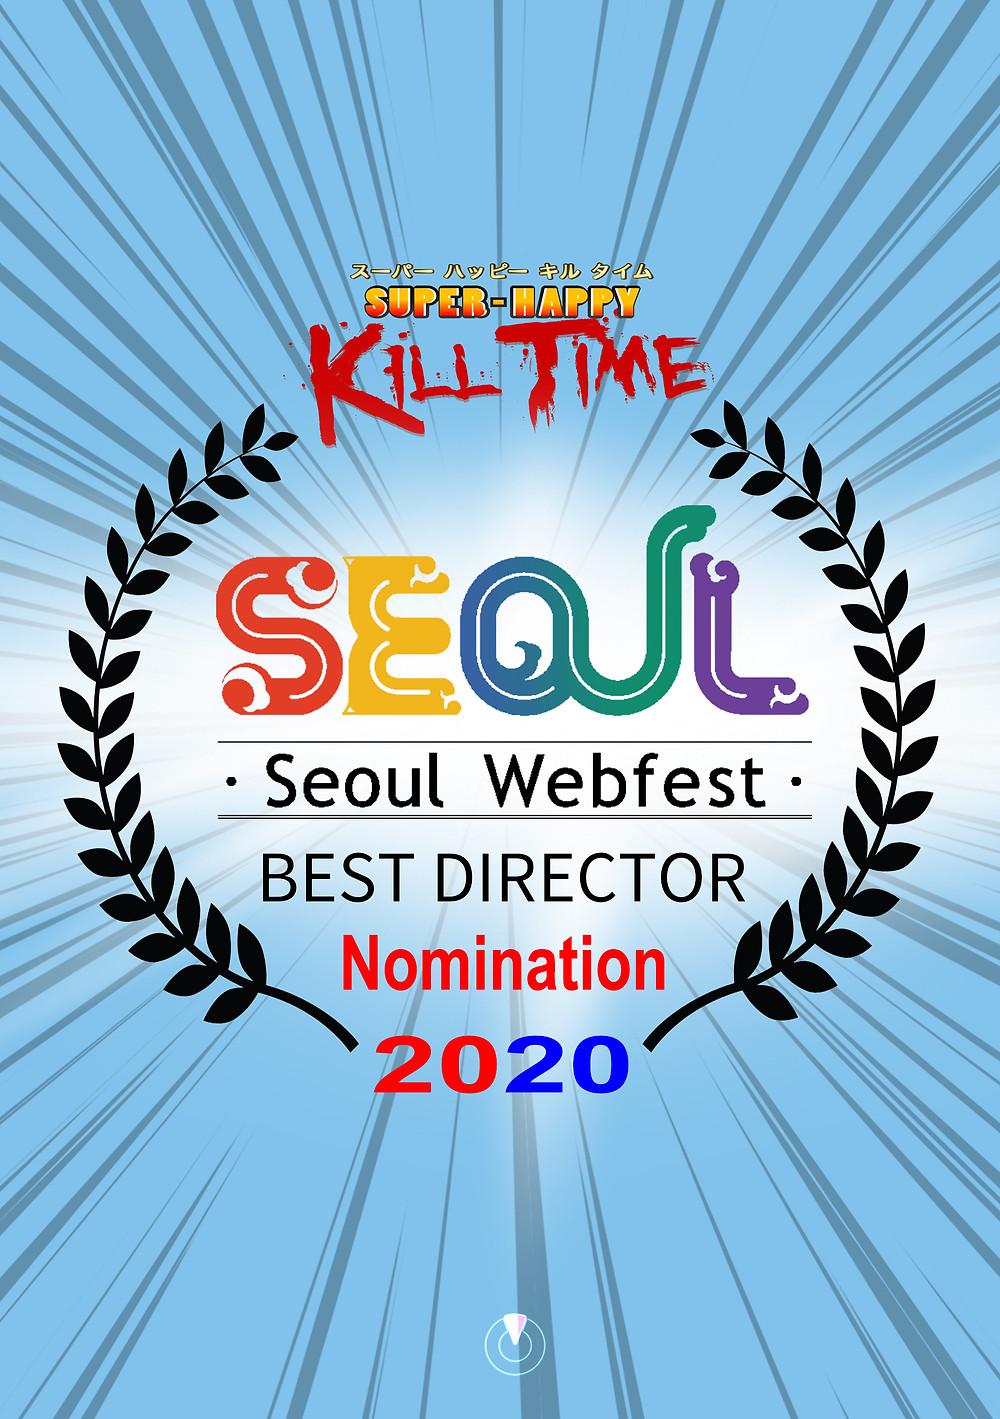 Seoul Web Fest 2020 Best Director SHKT